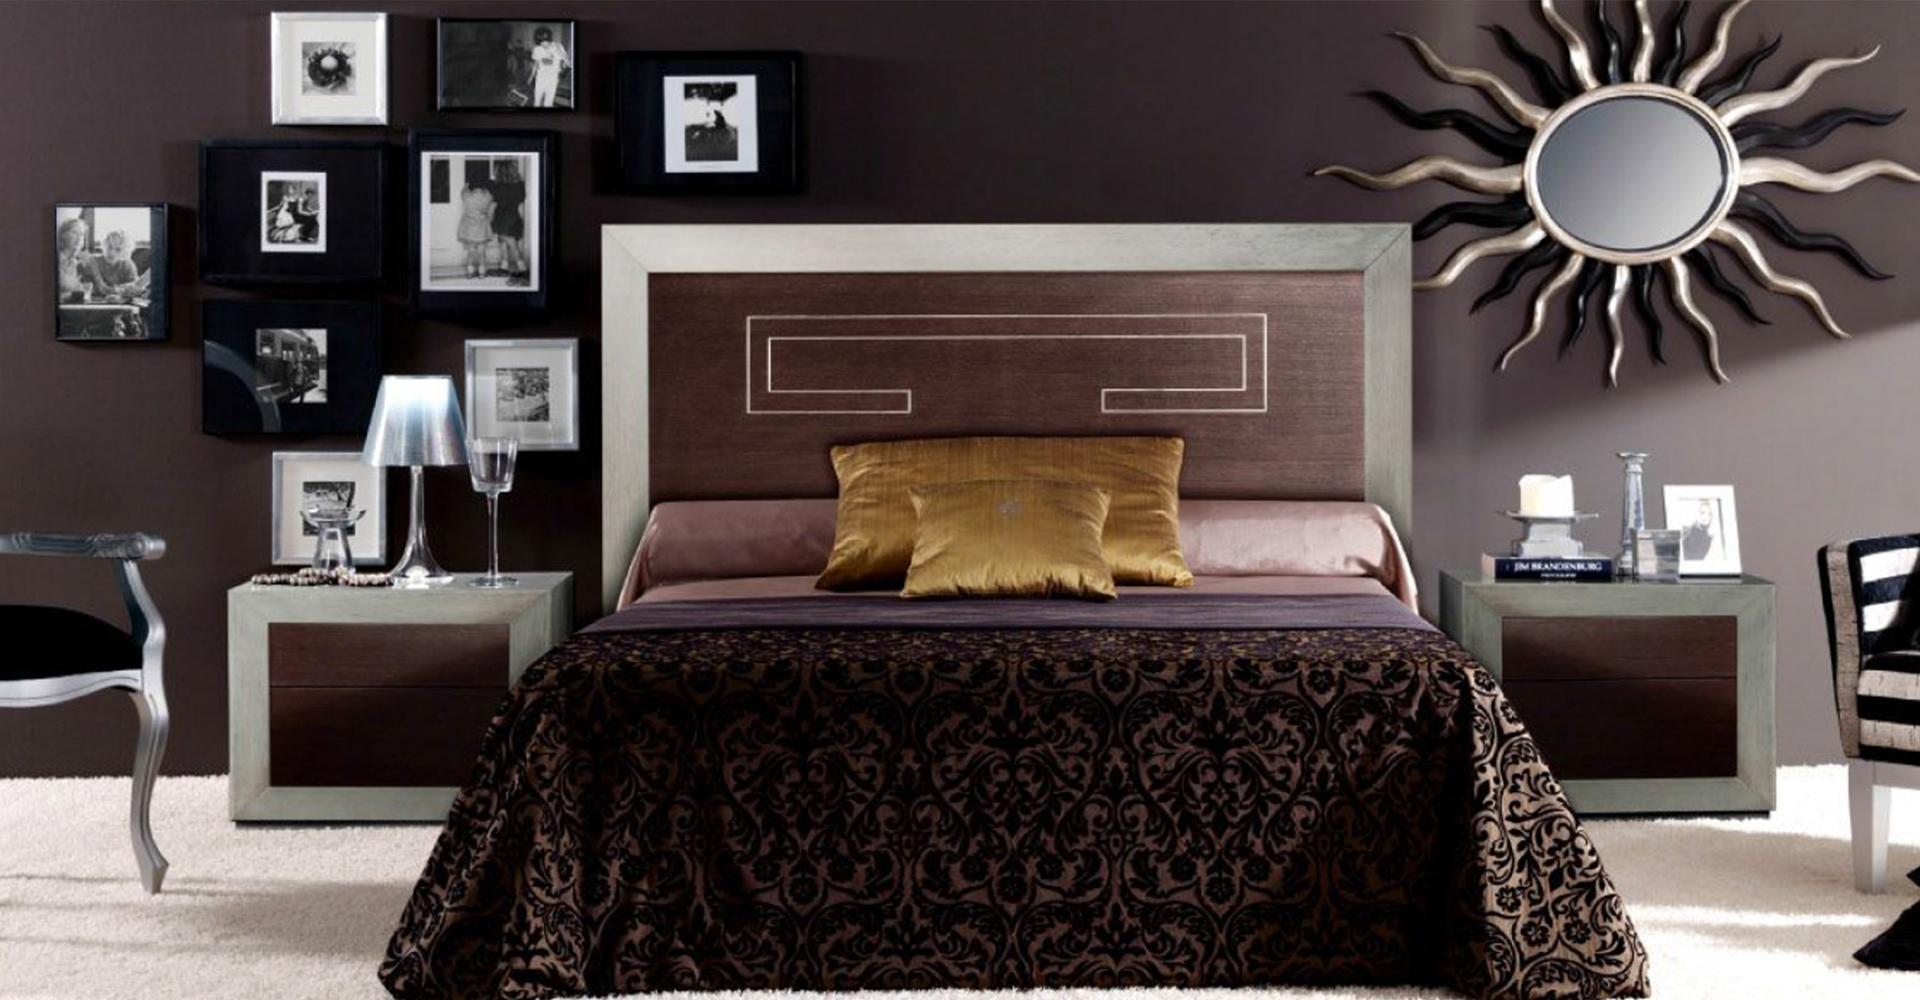 dormitorio de estilo contemporaneo (30)